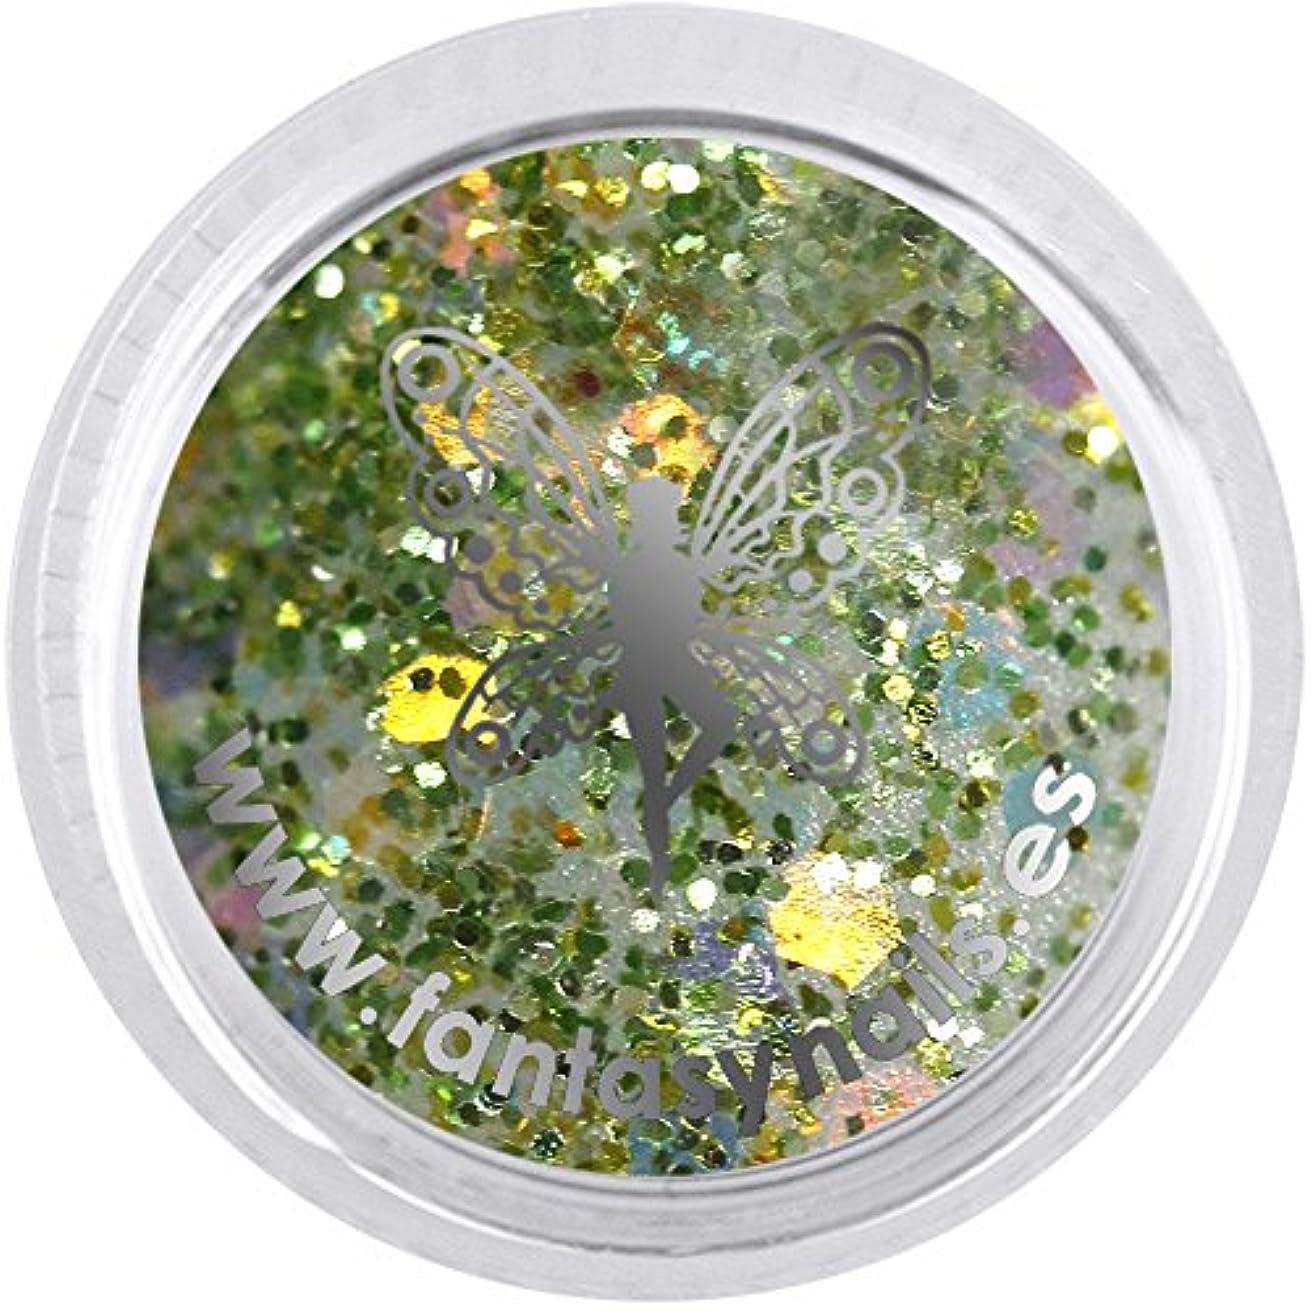 飽和するさわやかリングFANTASY NAIL トウキョウコレクション 3g 4226XS カラーパウダー アート材